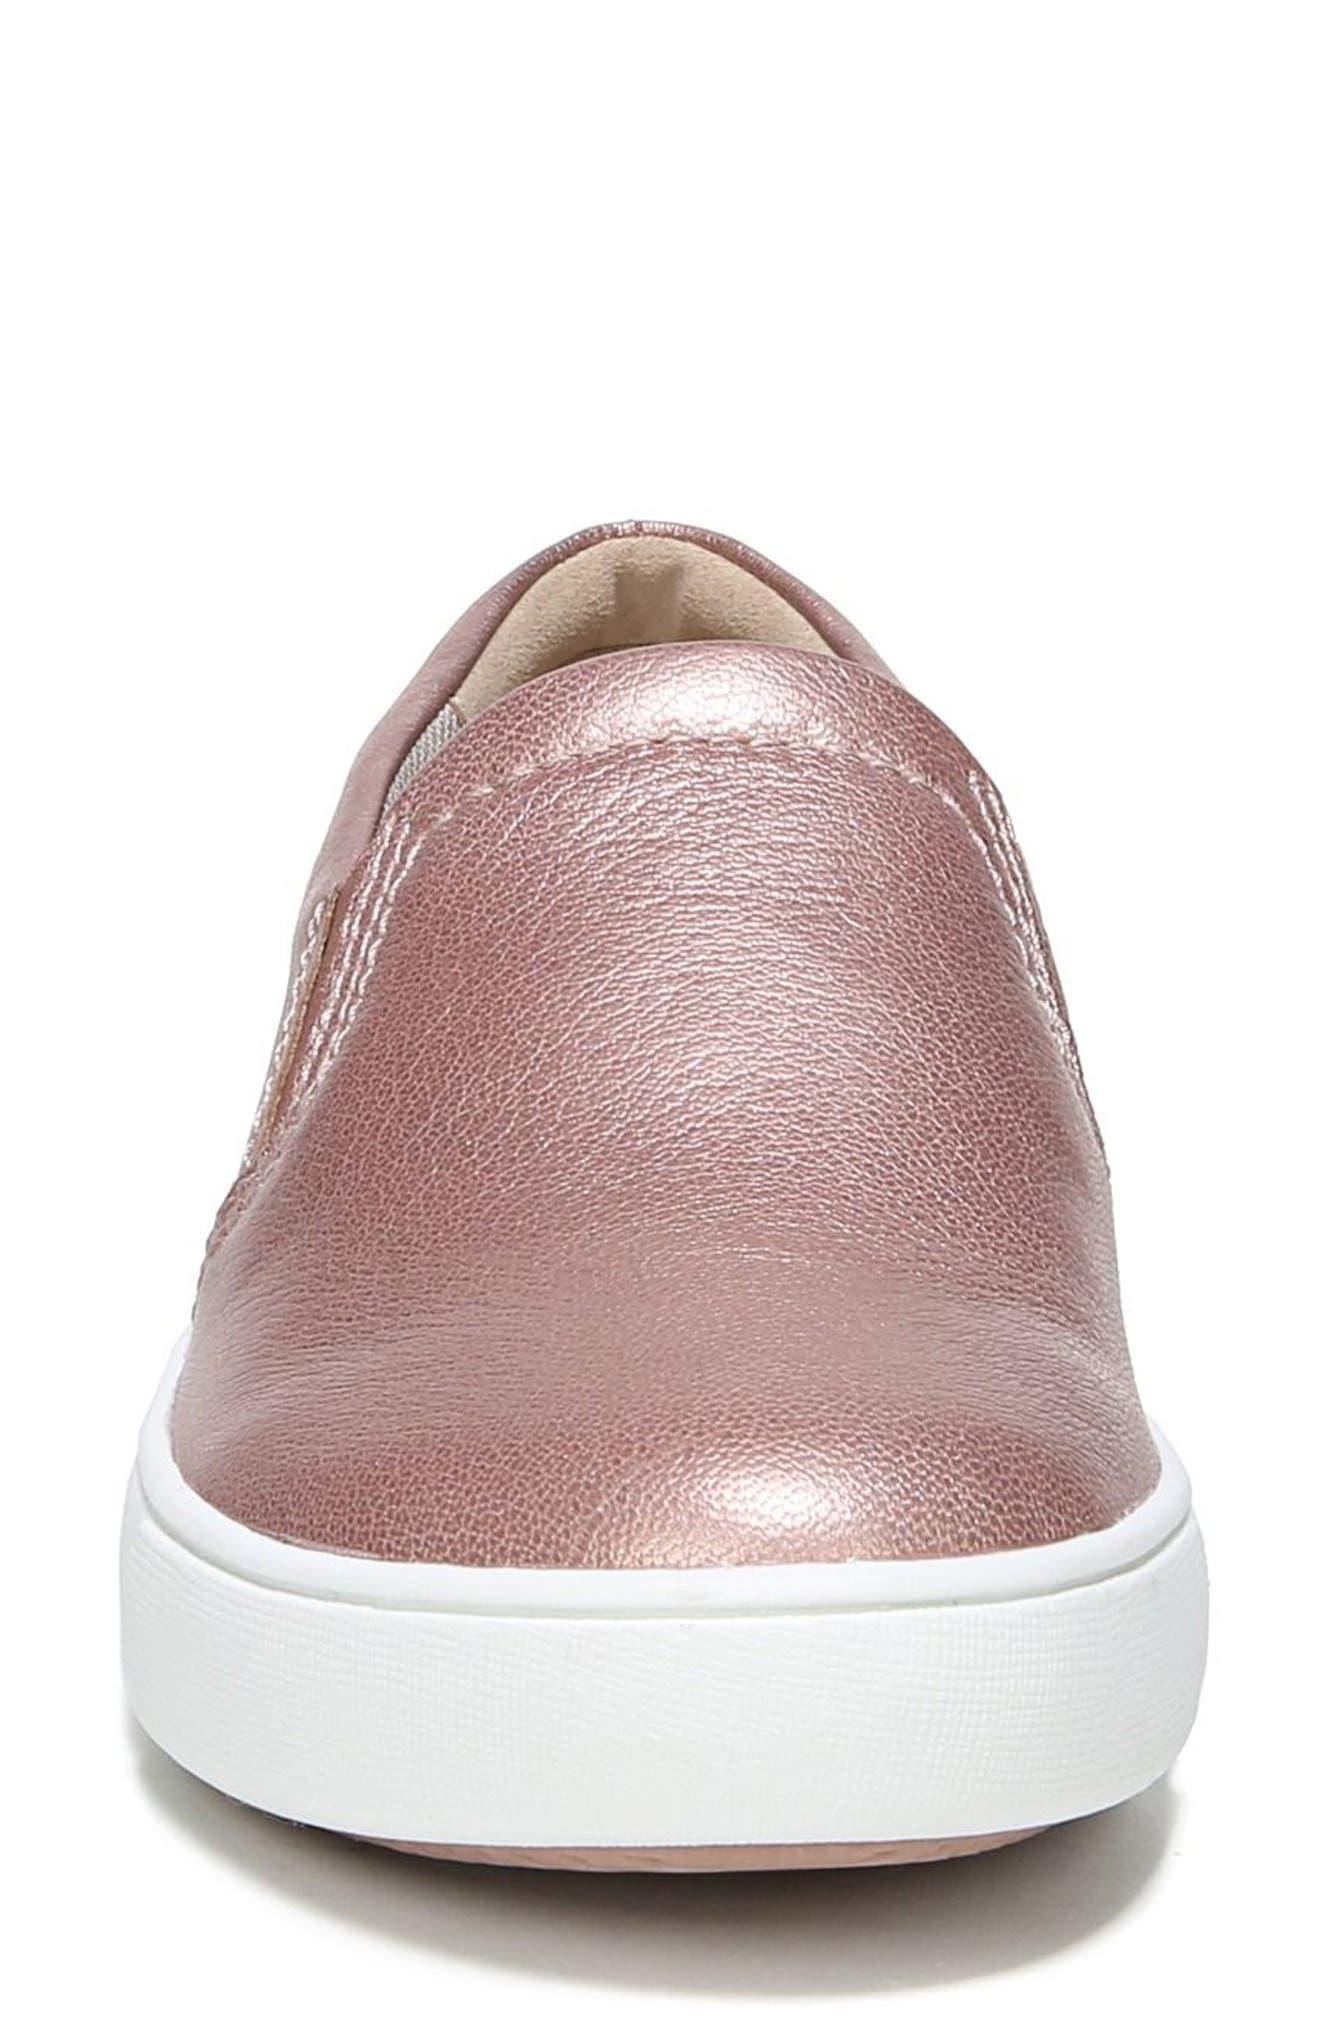 Alternate Image 4  - Naturalizer Marianne Slip-On Sneaker (Women)